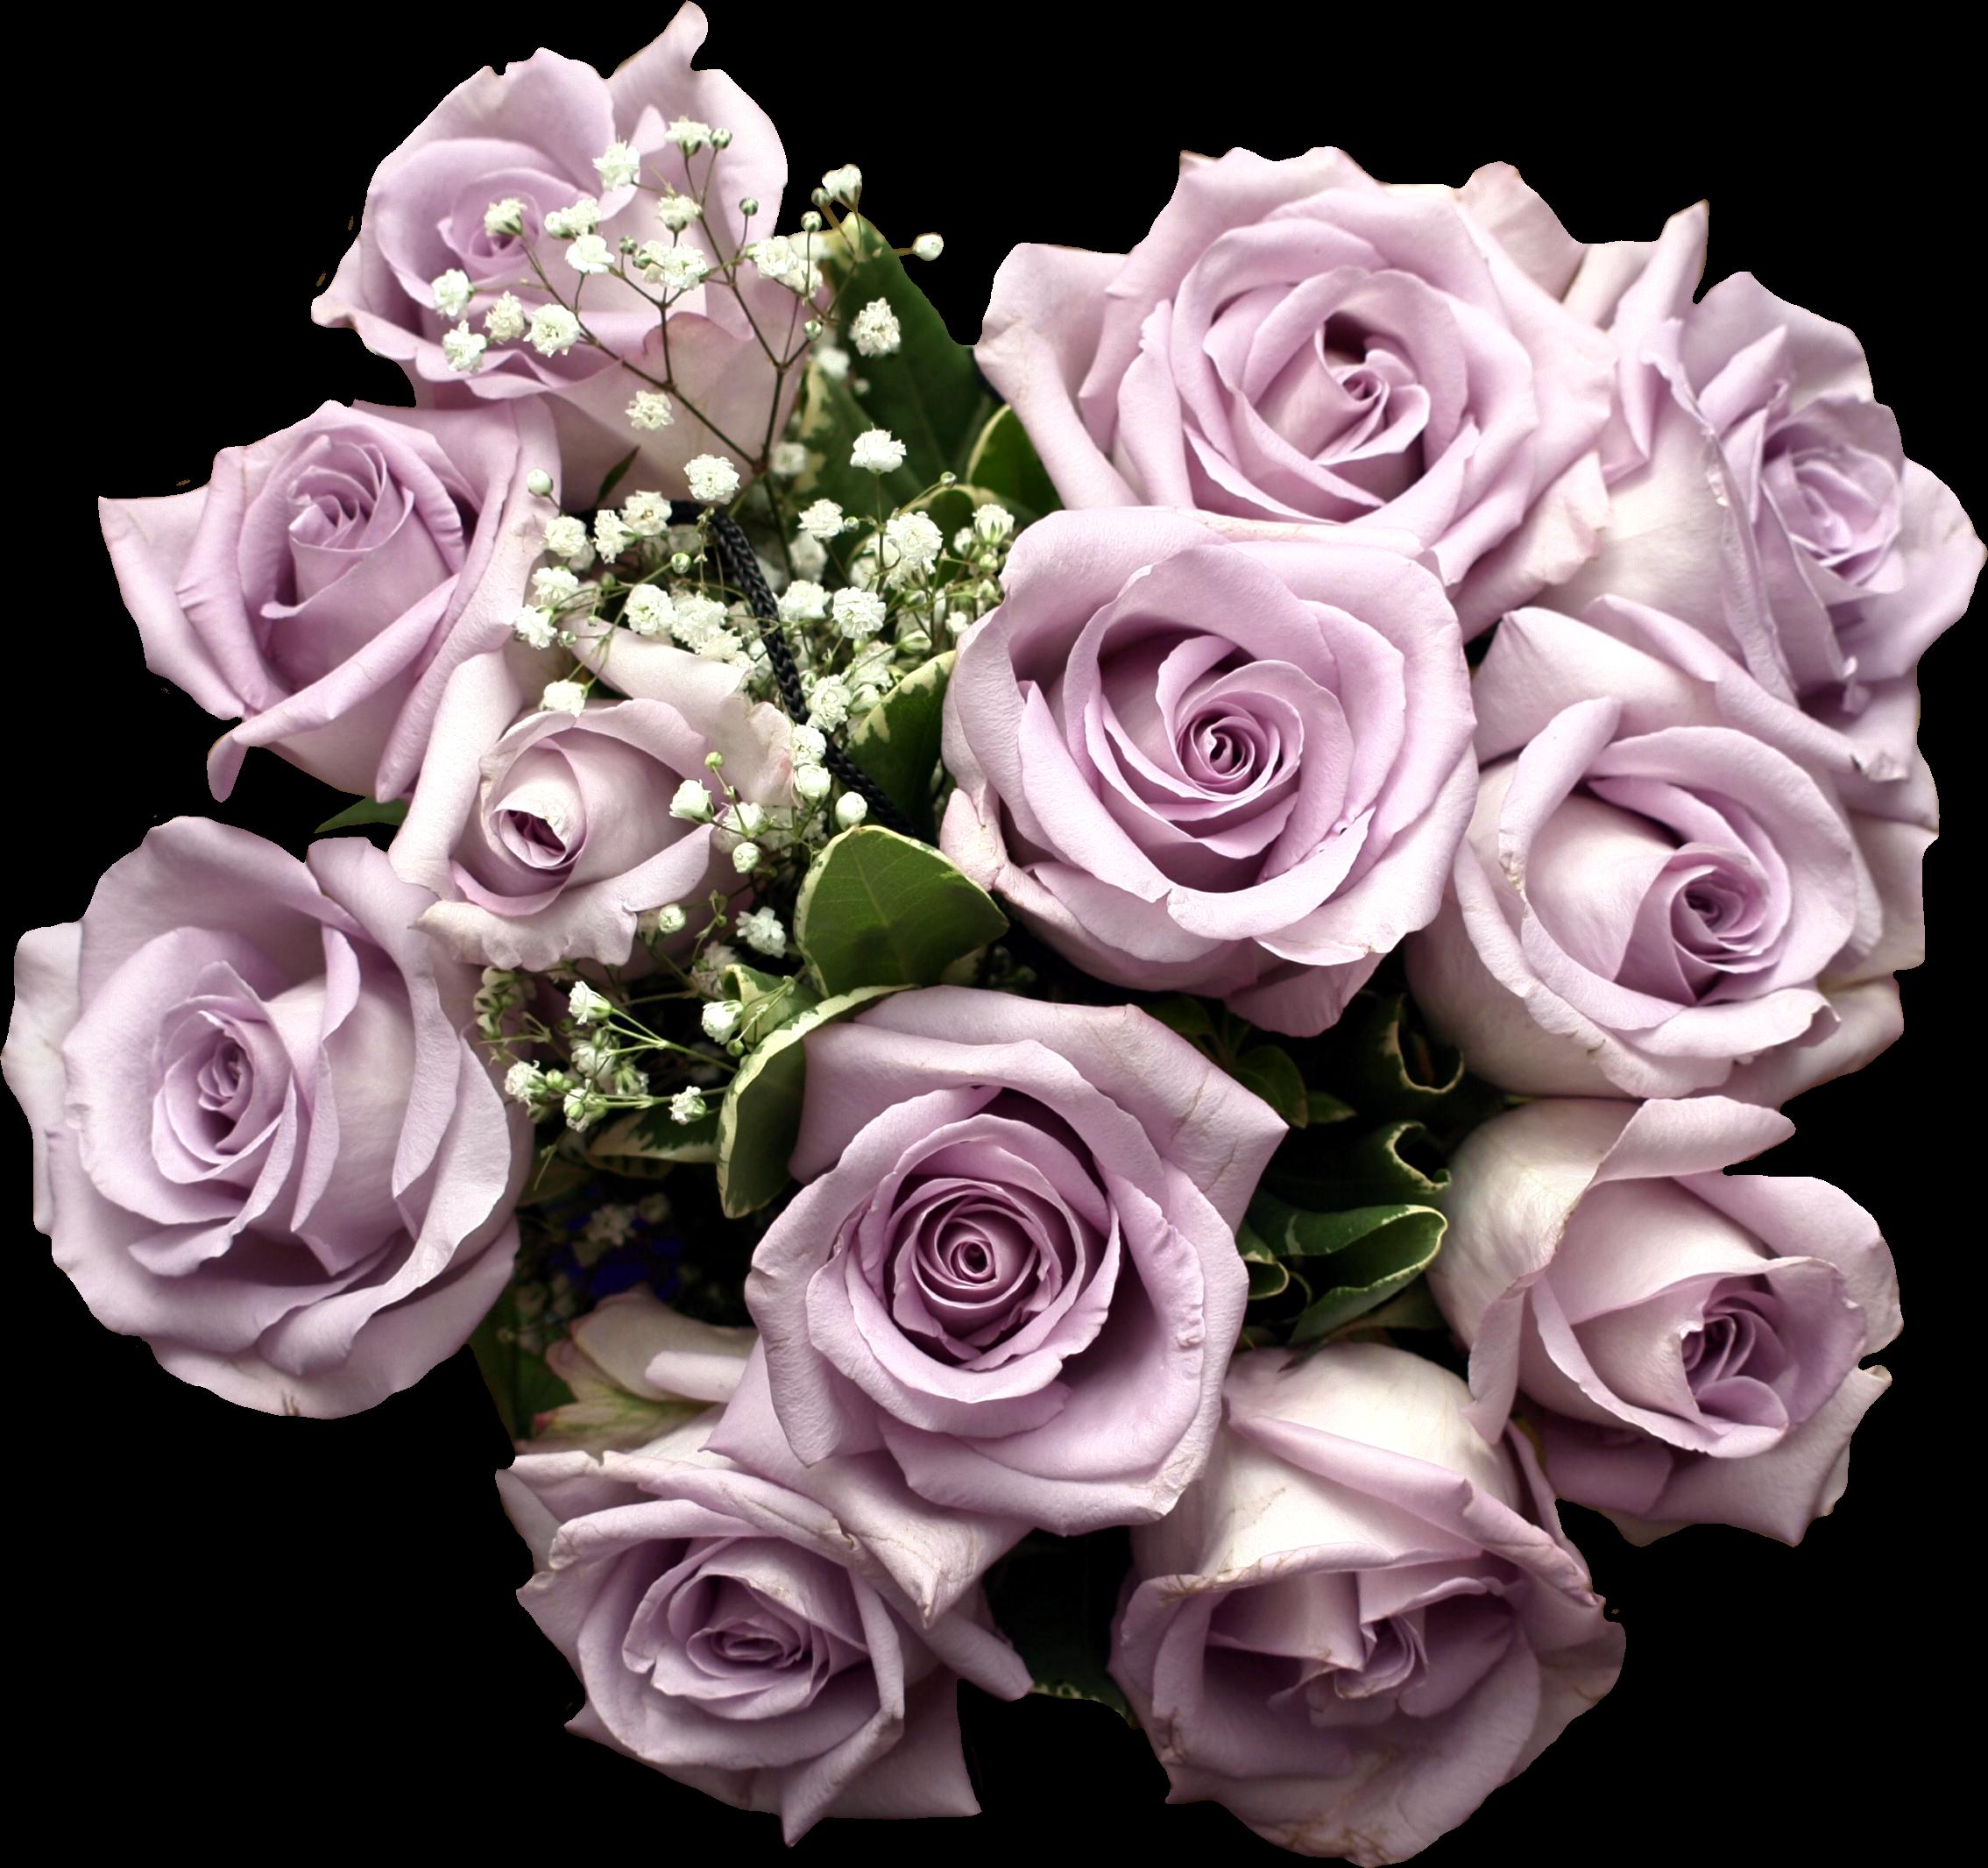 Light Purple Rose Bouquet Clipart.